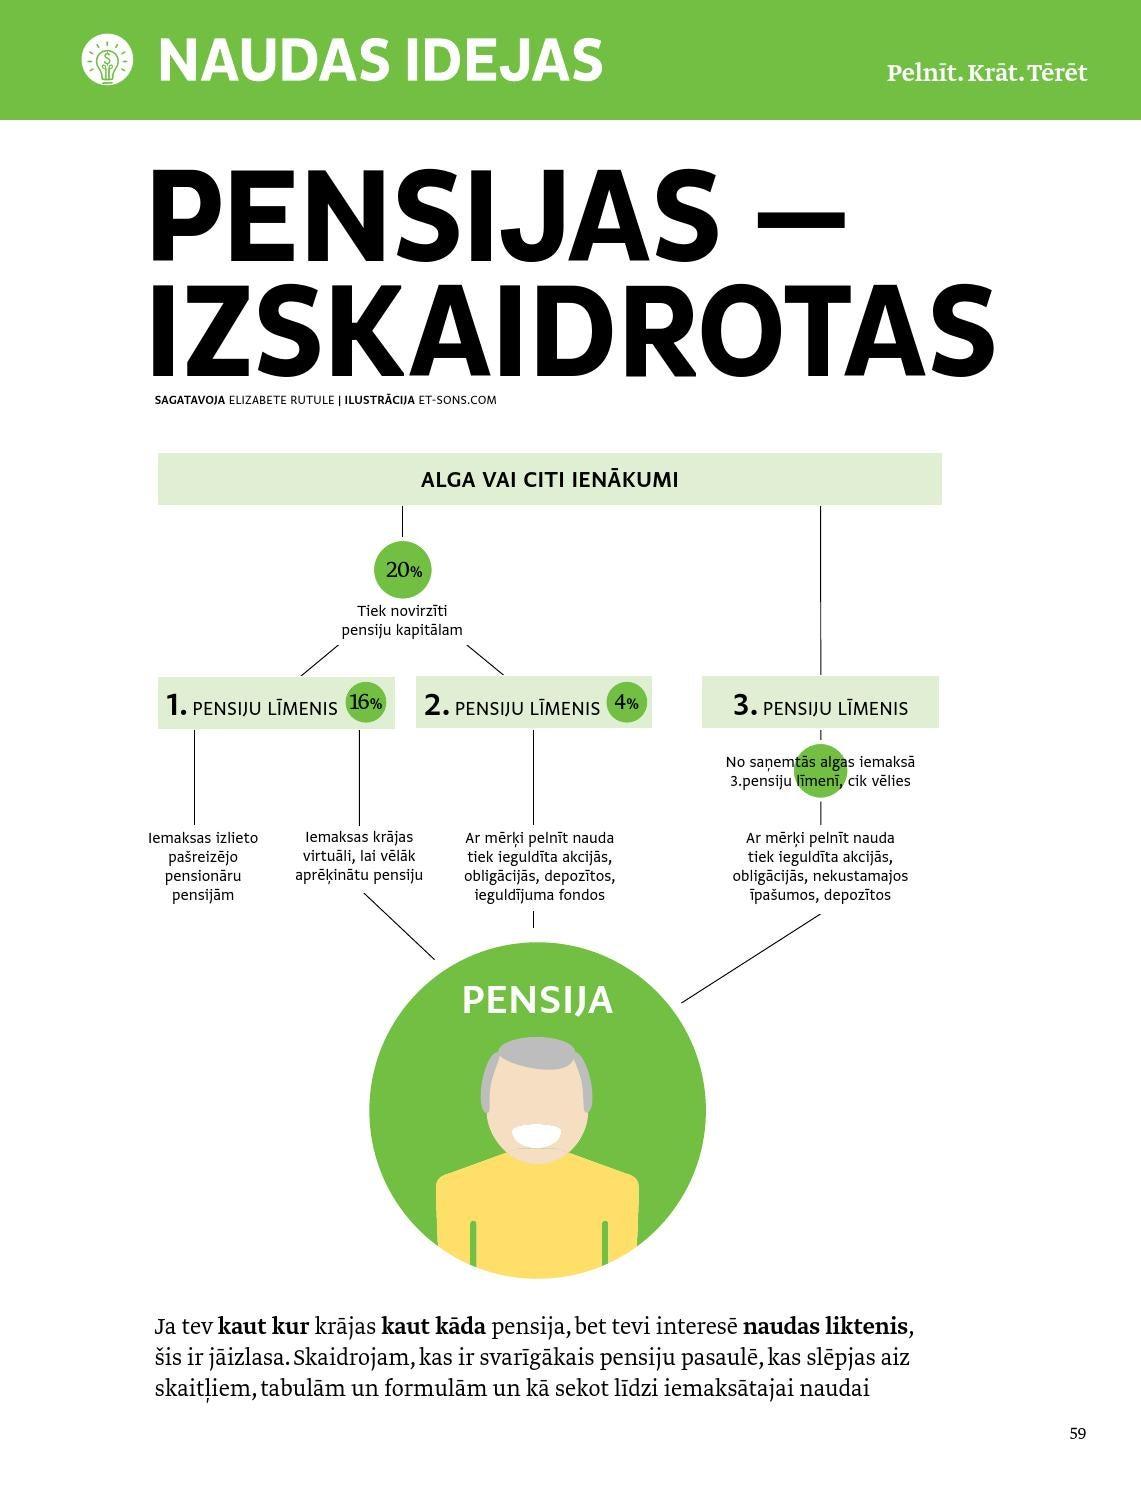 ko darīt, lai nopelnītu naudu pensionāram)